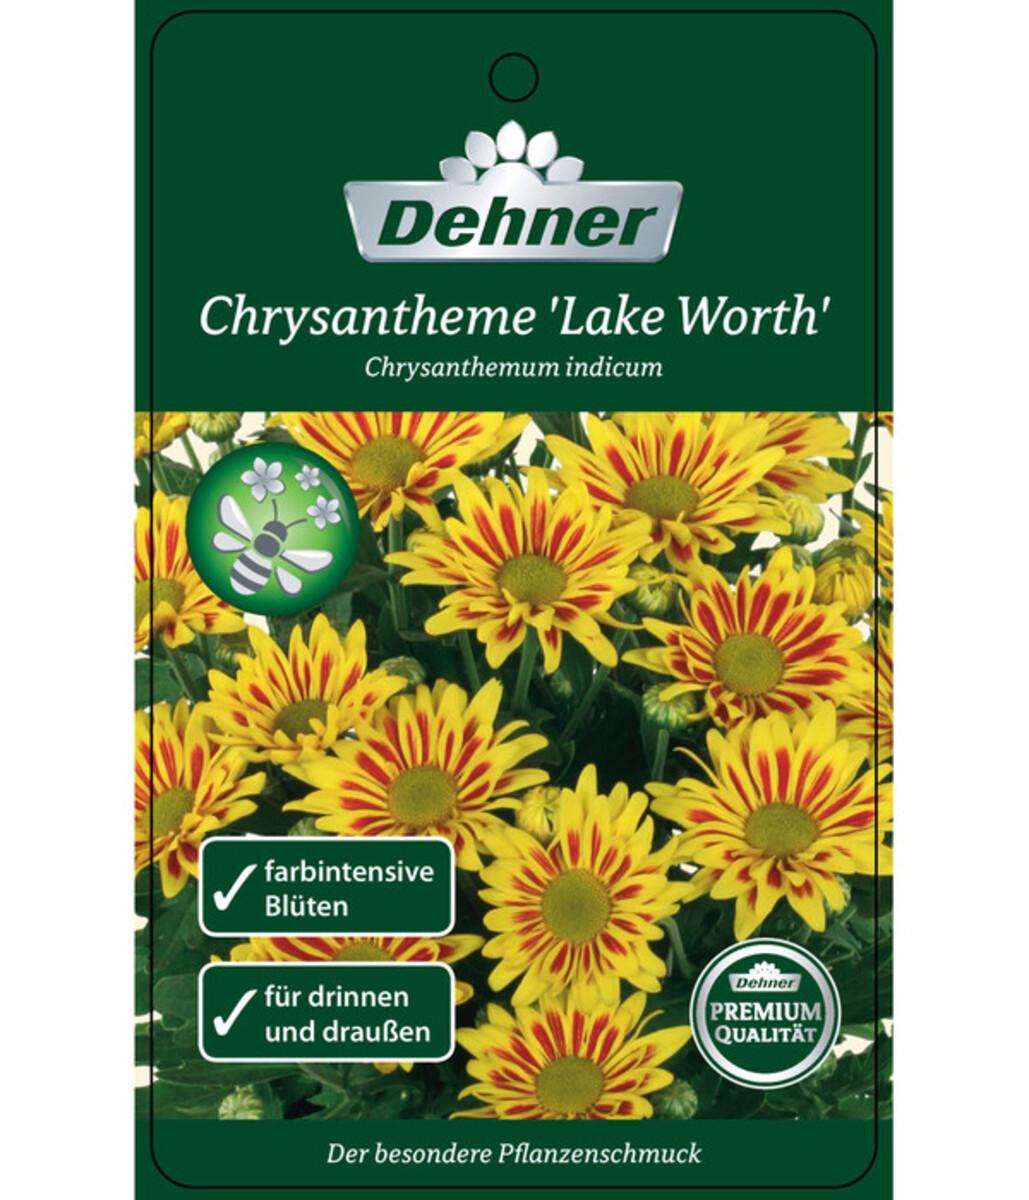 Bild 2 von Chrysantheme 'Lake Worth'